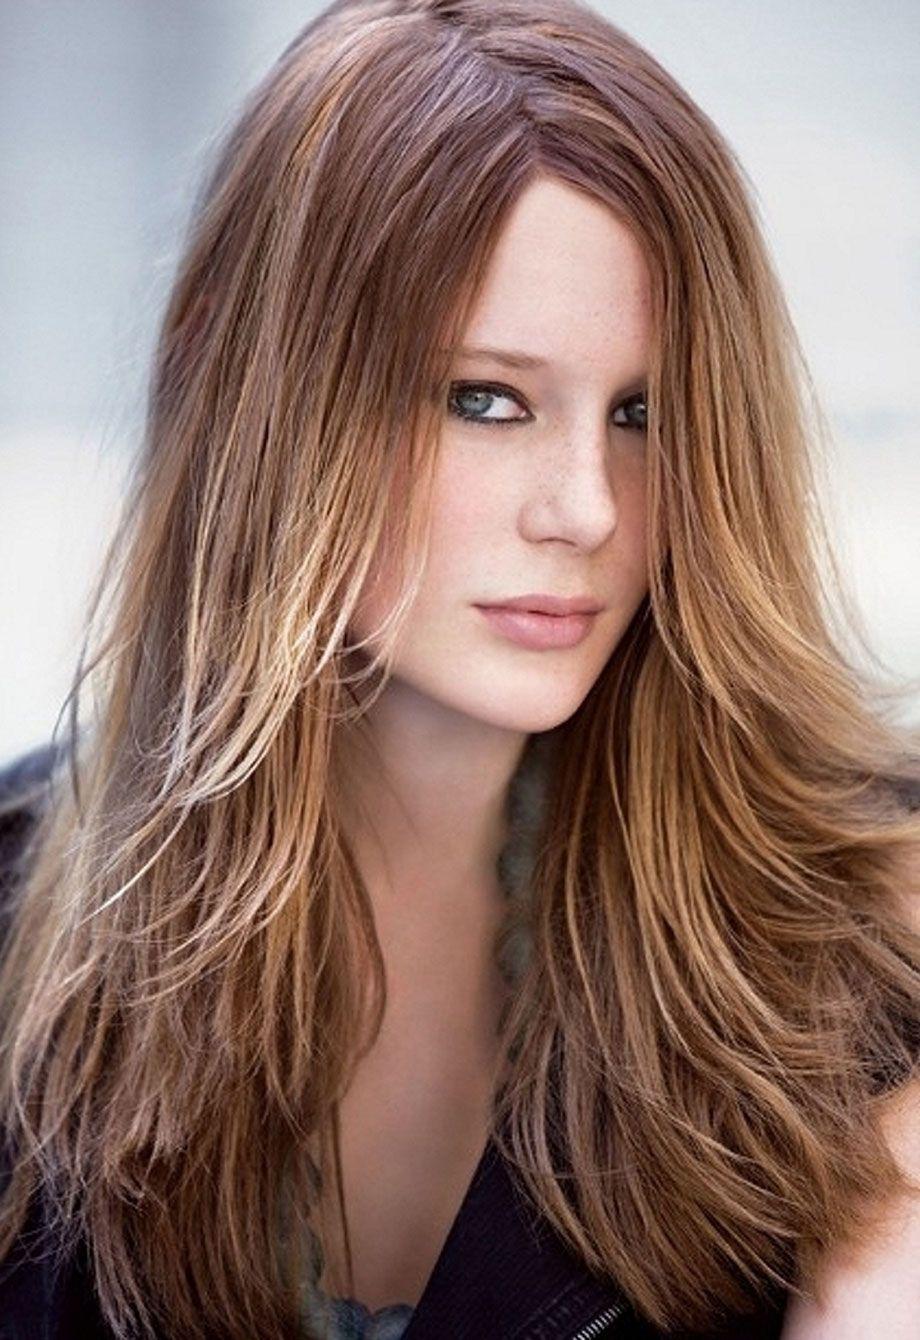 Coiffure pour femme exceptionnel Coupe cheveux long